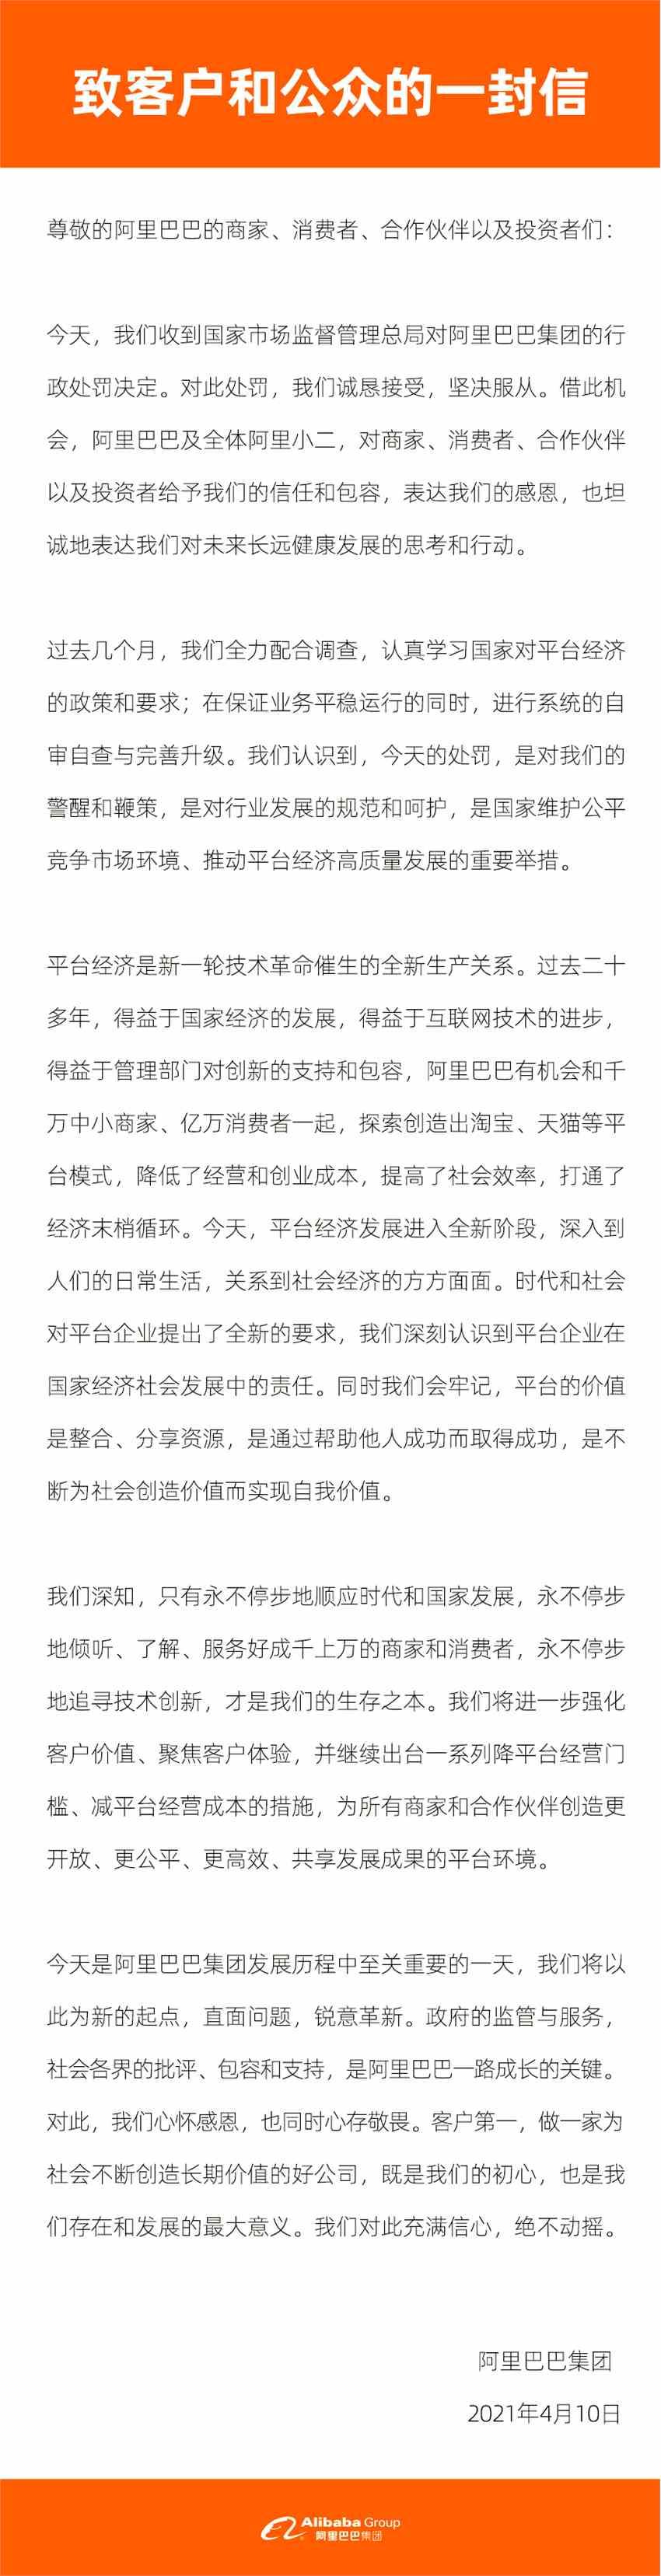 阿里巴巴致客户和公众的一封信:今天的处罚是警醒和鞭策